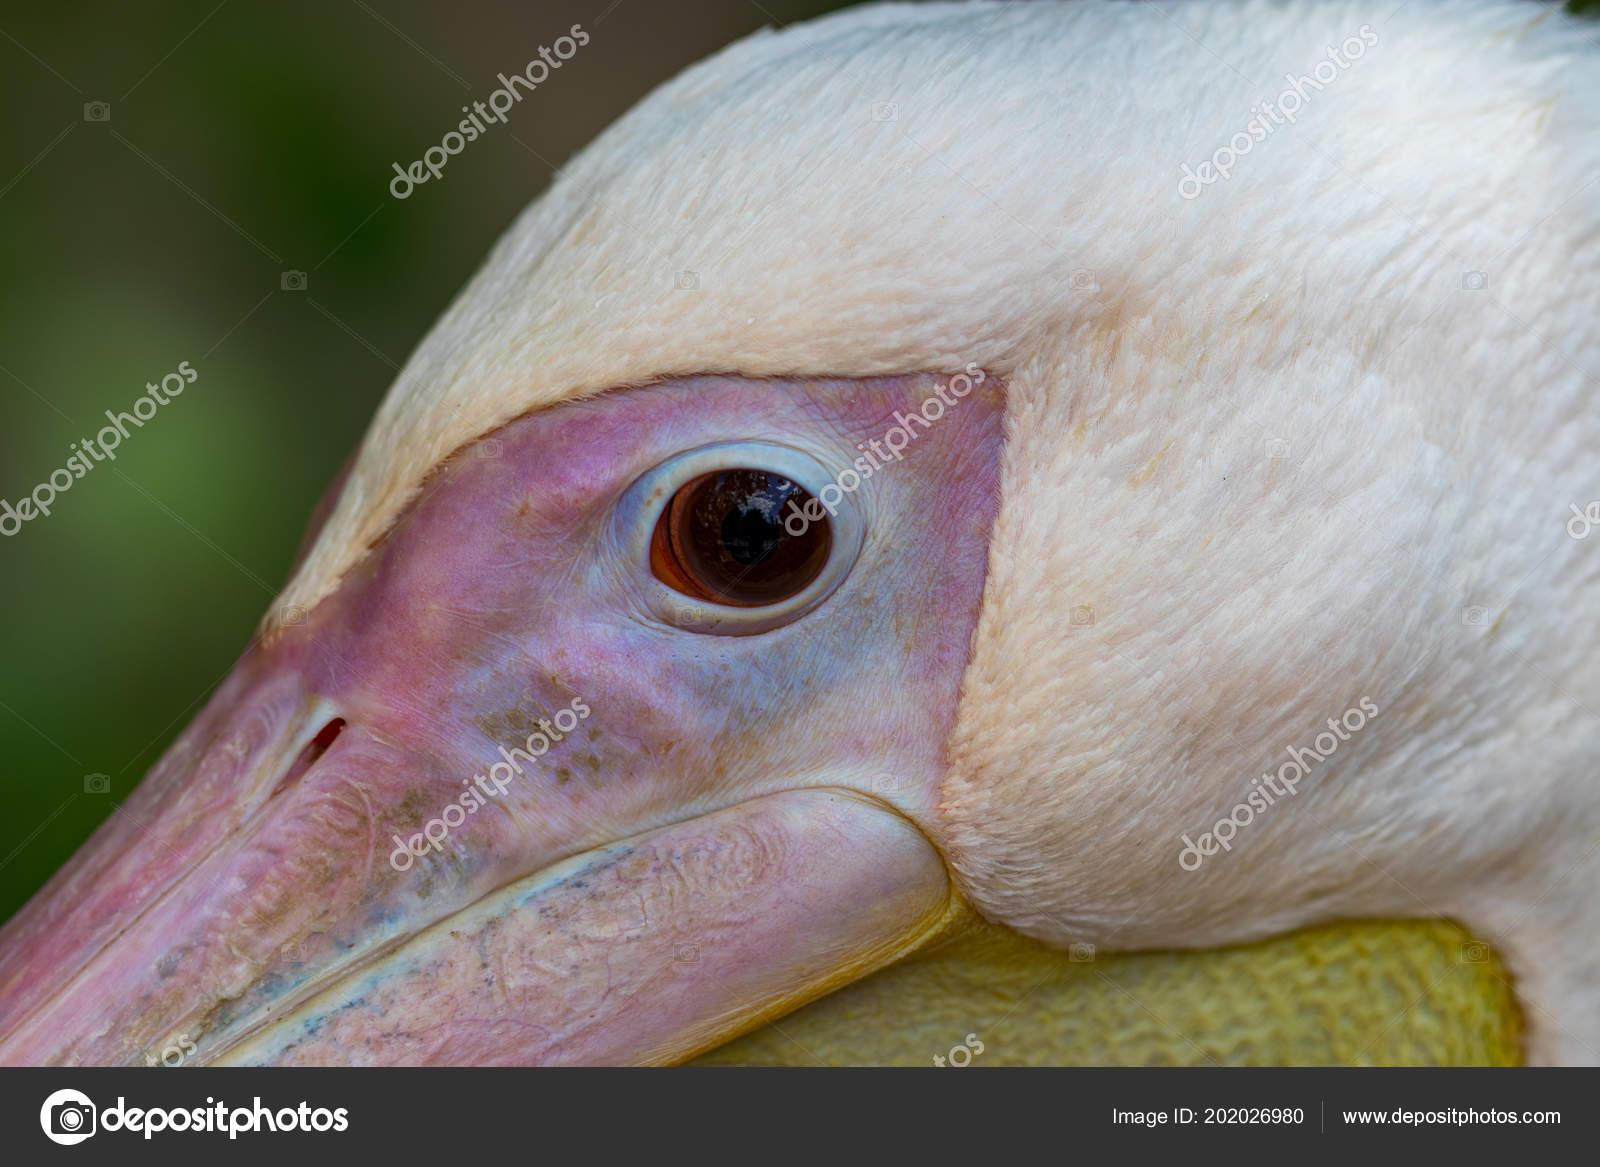 λευκό μεγάλο πουλί μεγάλο πουλί τραβεστί πατήσαμε